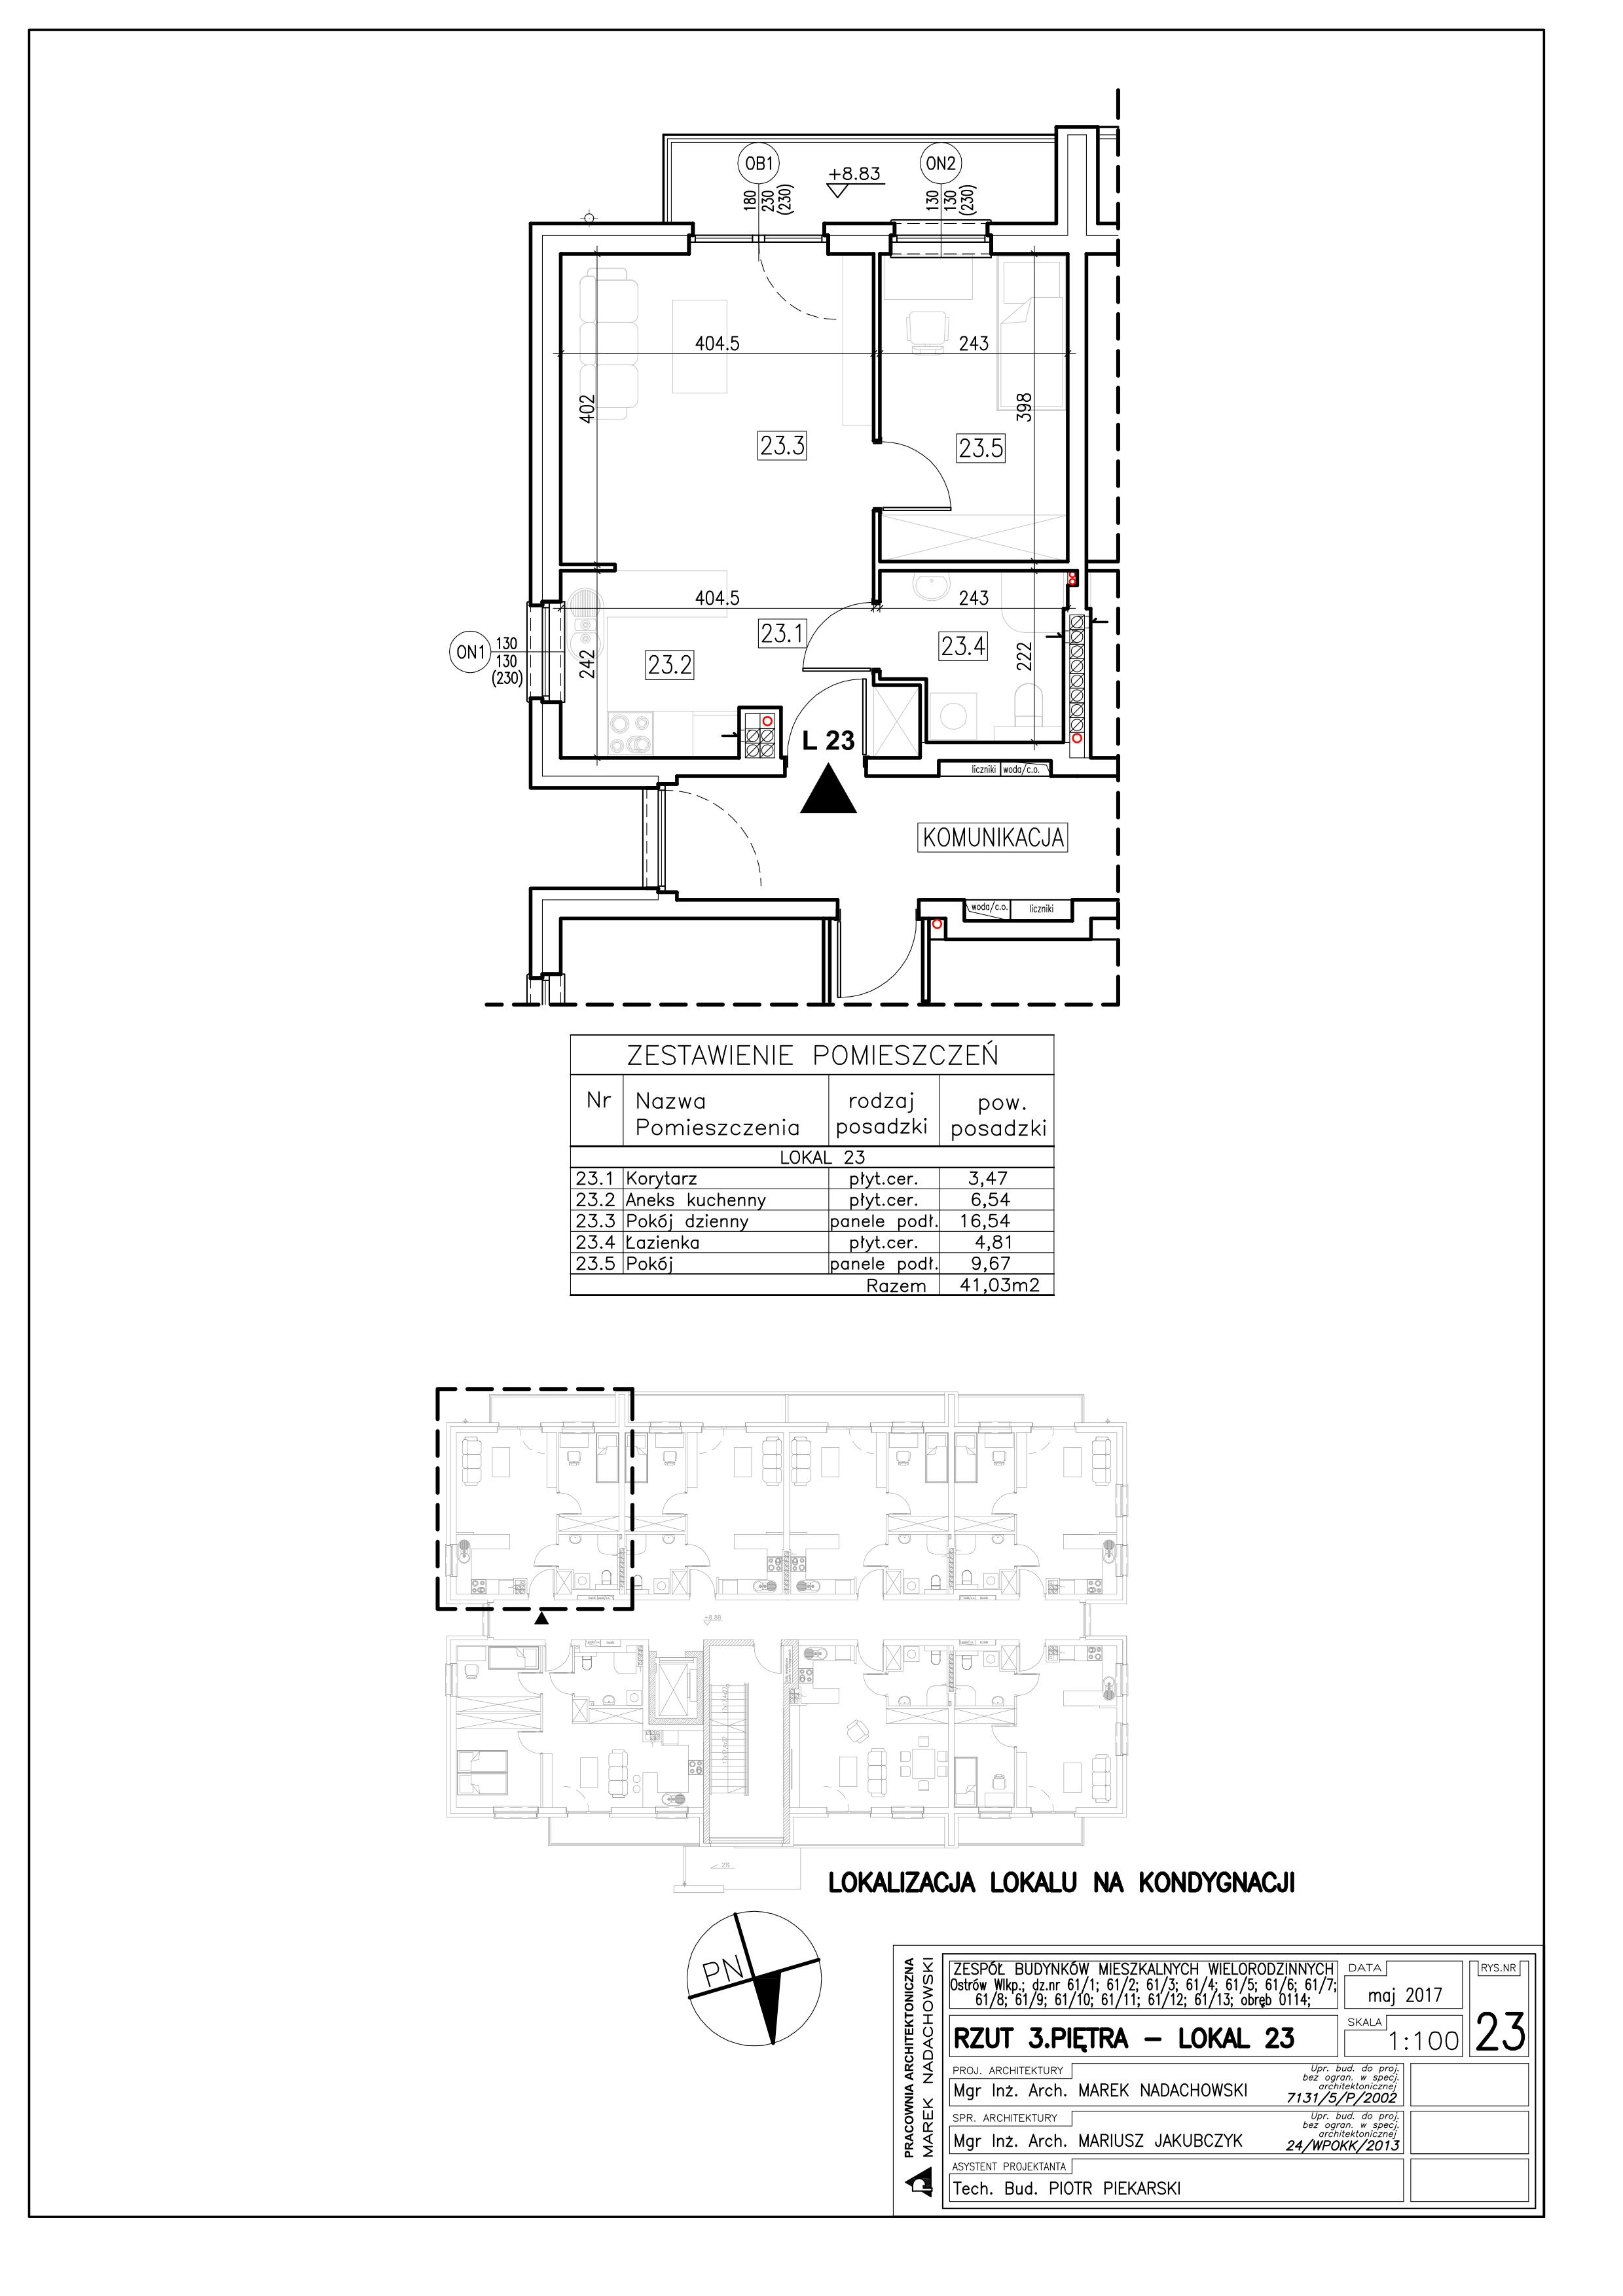 Lokal nr 23 Powierzchnia: 41,03 m2